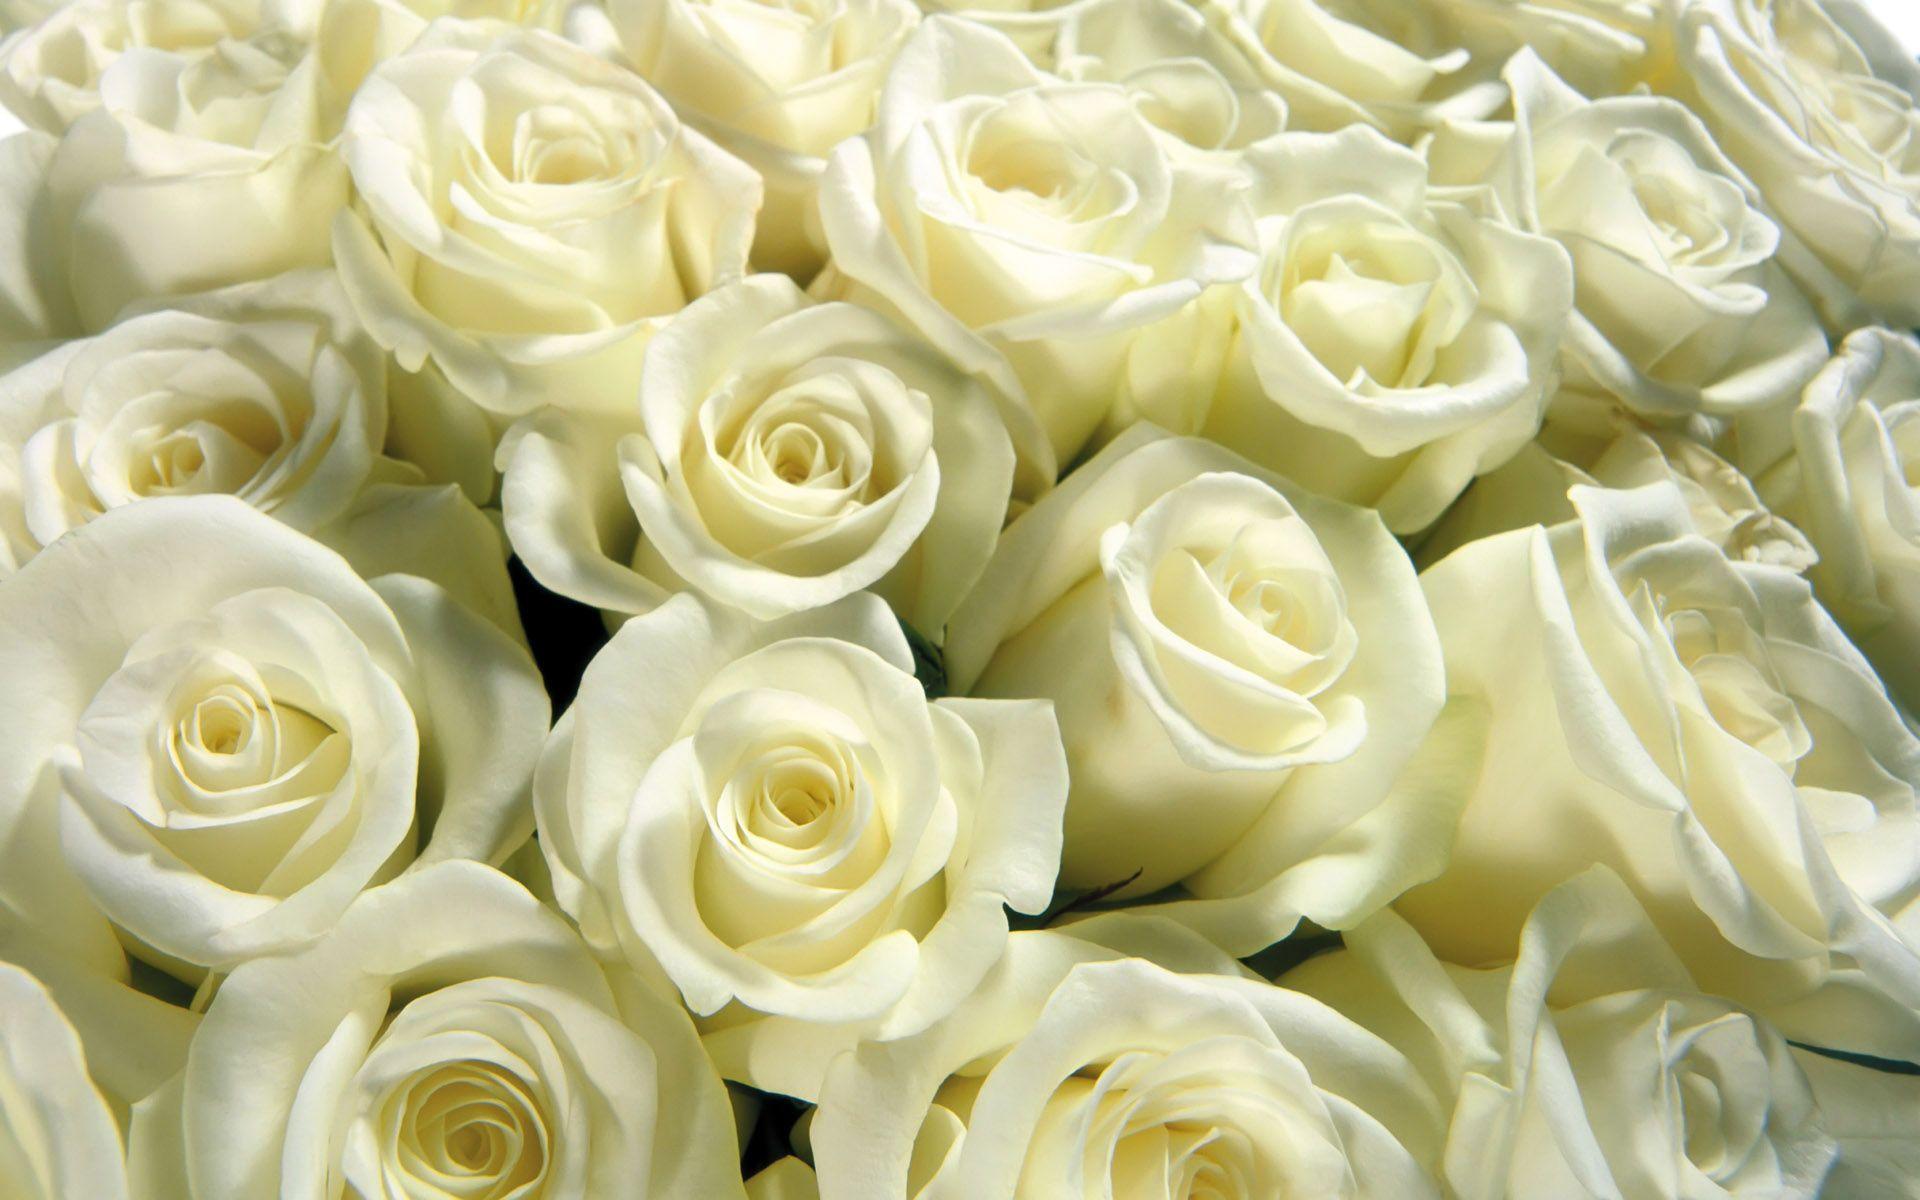 Красивые картинки цветов белые розы, удивительные букеты 12